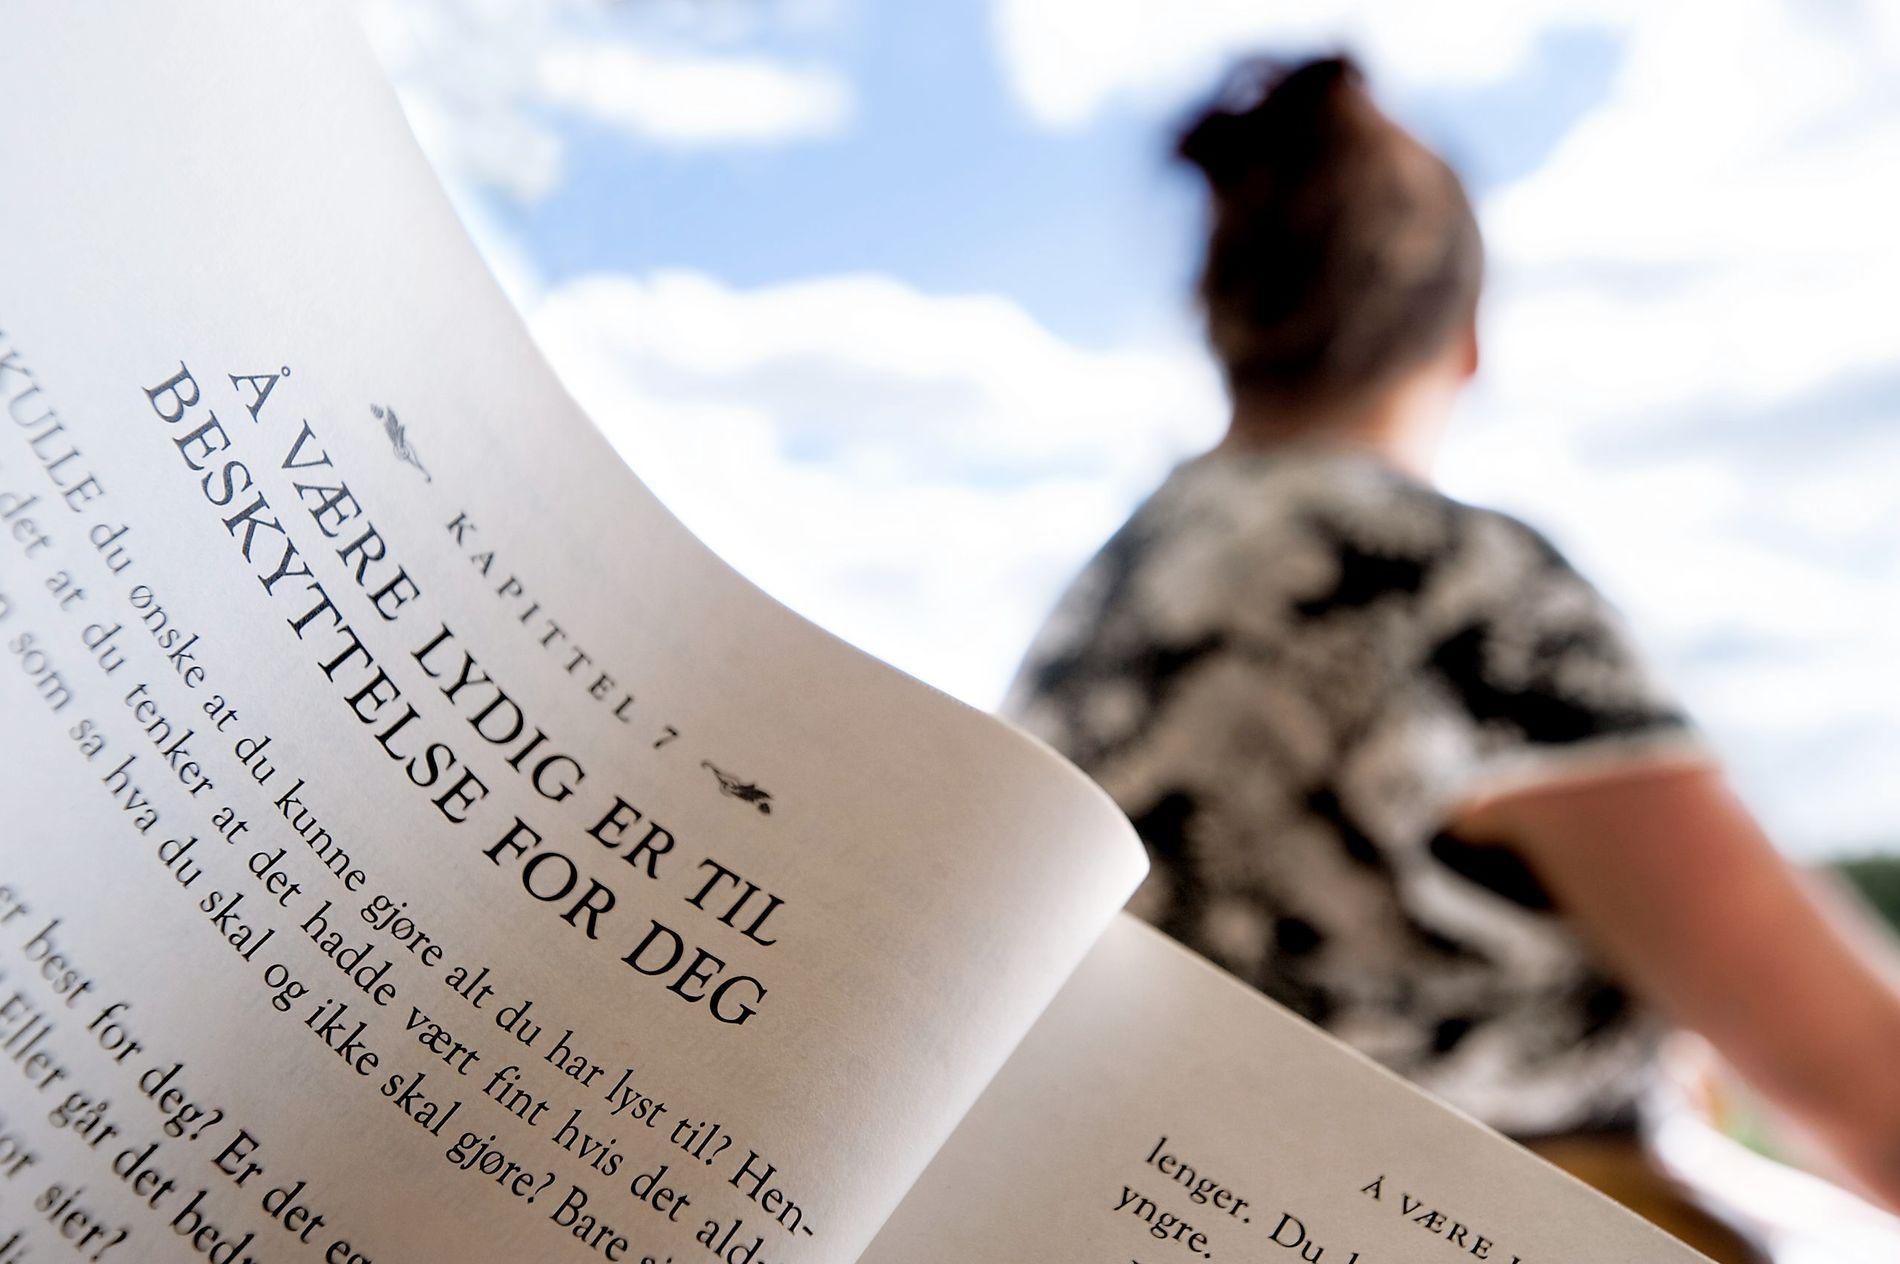 TROSSAMFUNN: Jehovas vitner hadde i 2018 over 11.000 medlemmer i Norge fordelt på 167 menigheter. Illustrasjonsfoto: Bjørn Frostad